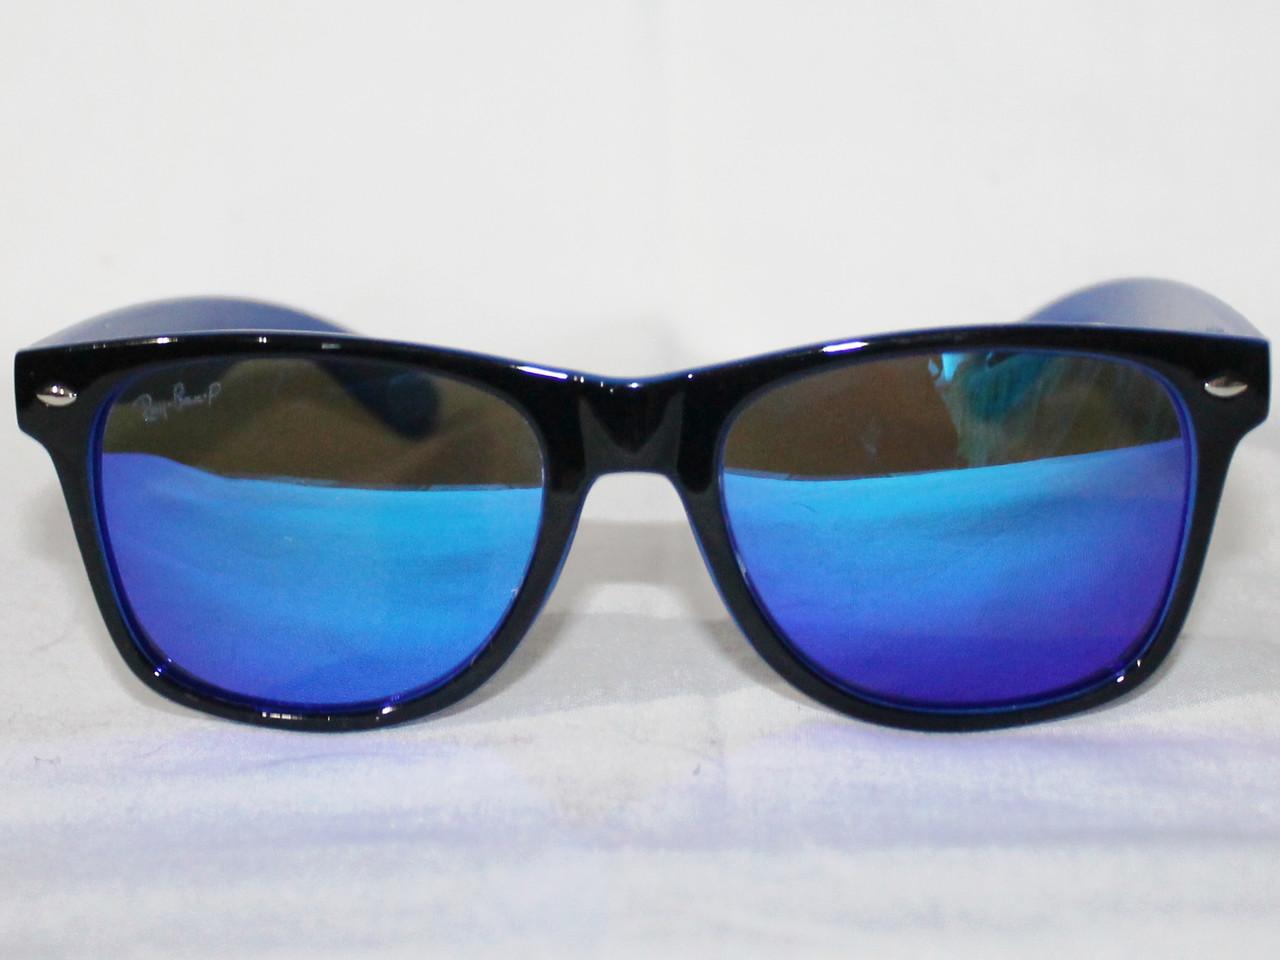 1f51baebc20f Очки Ray Ban Wayfarer 2140 черный синий зеркальные поляризационные реплика  - IF-Style в Одессе